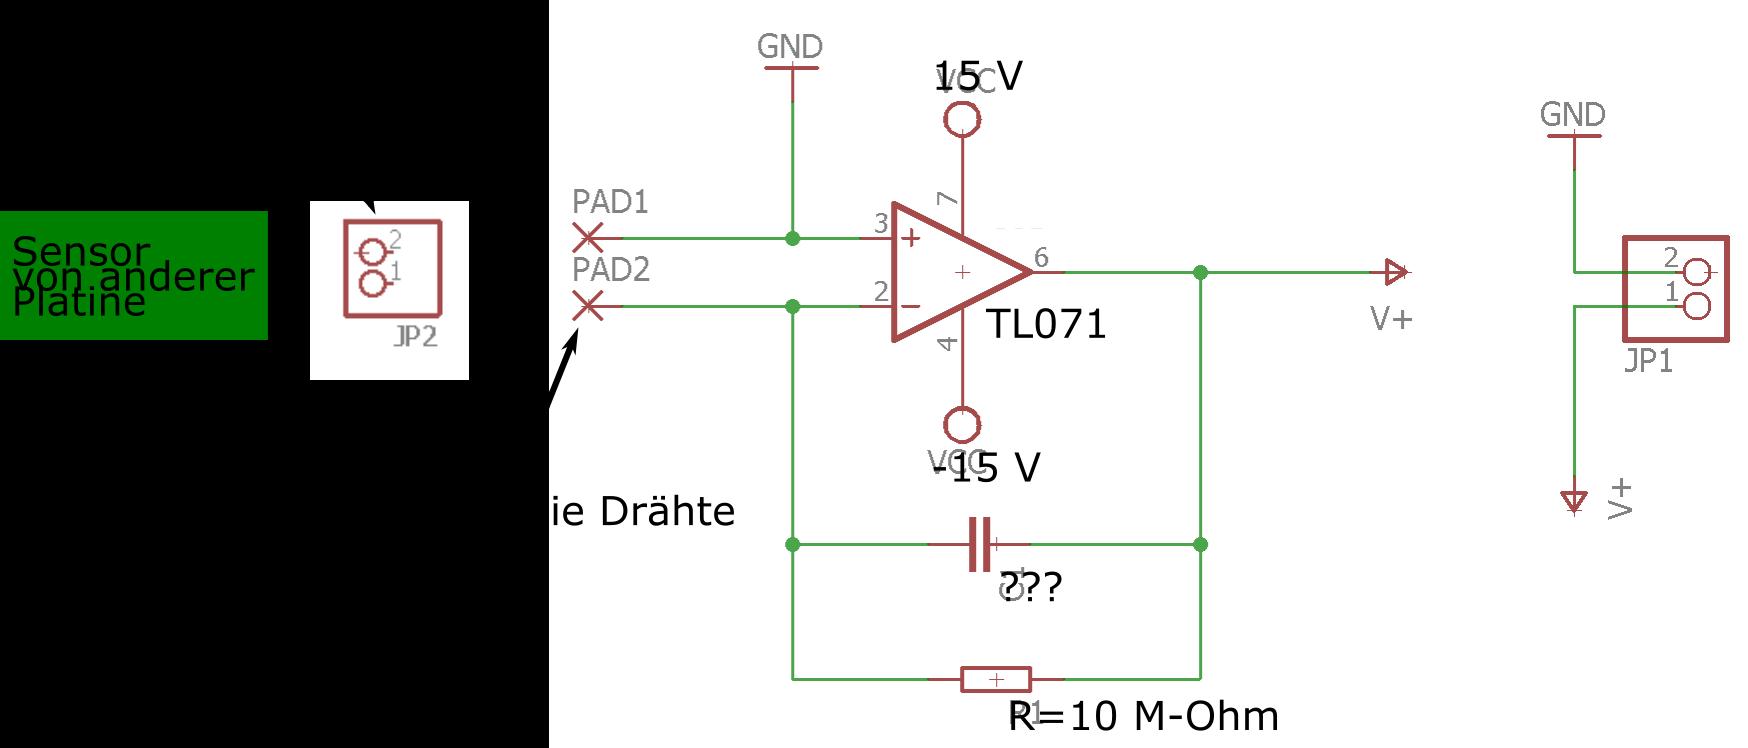 Hilfe bei Piezo Kraftsensor Schaltplan - Mikrocontroller.net